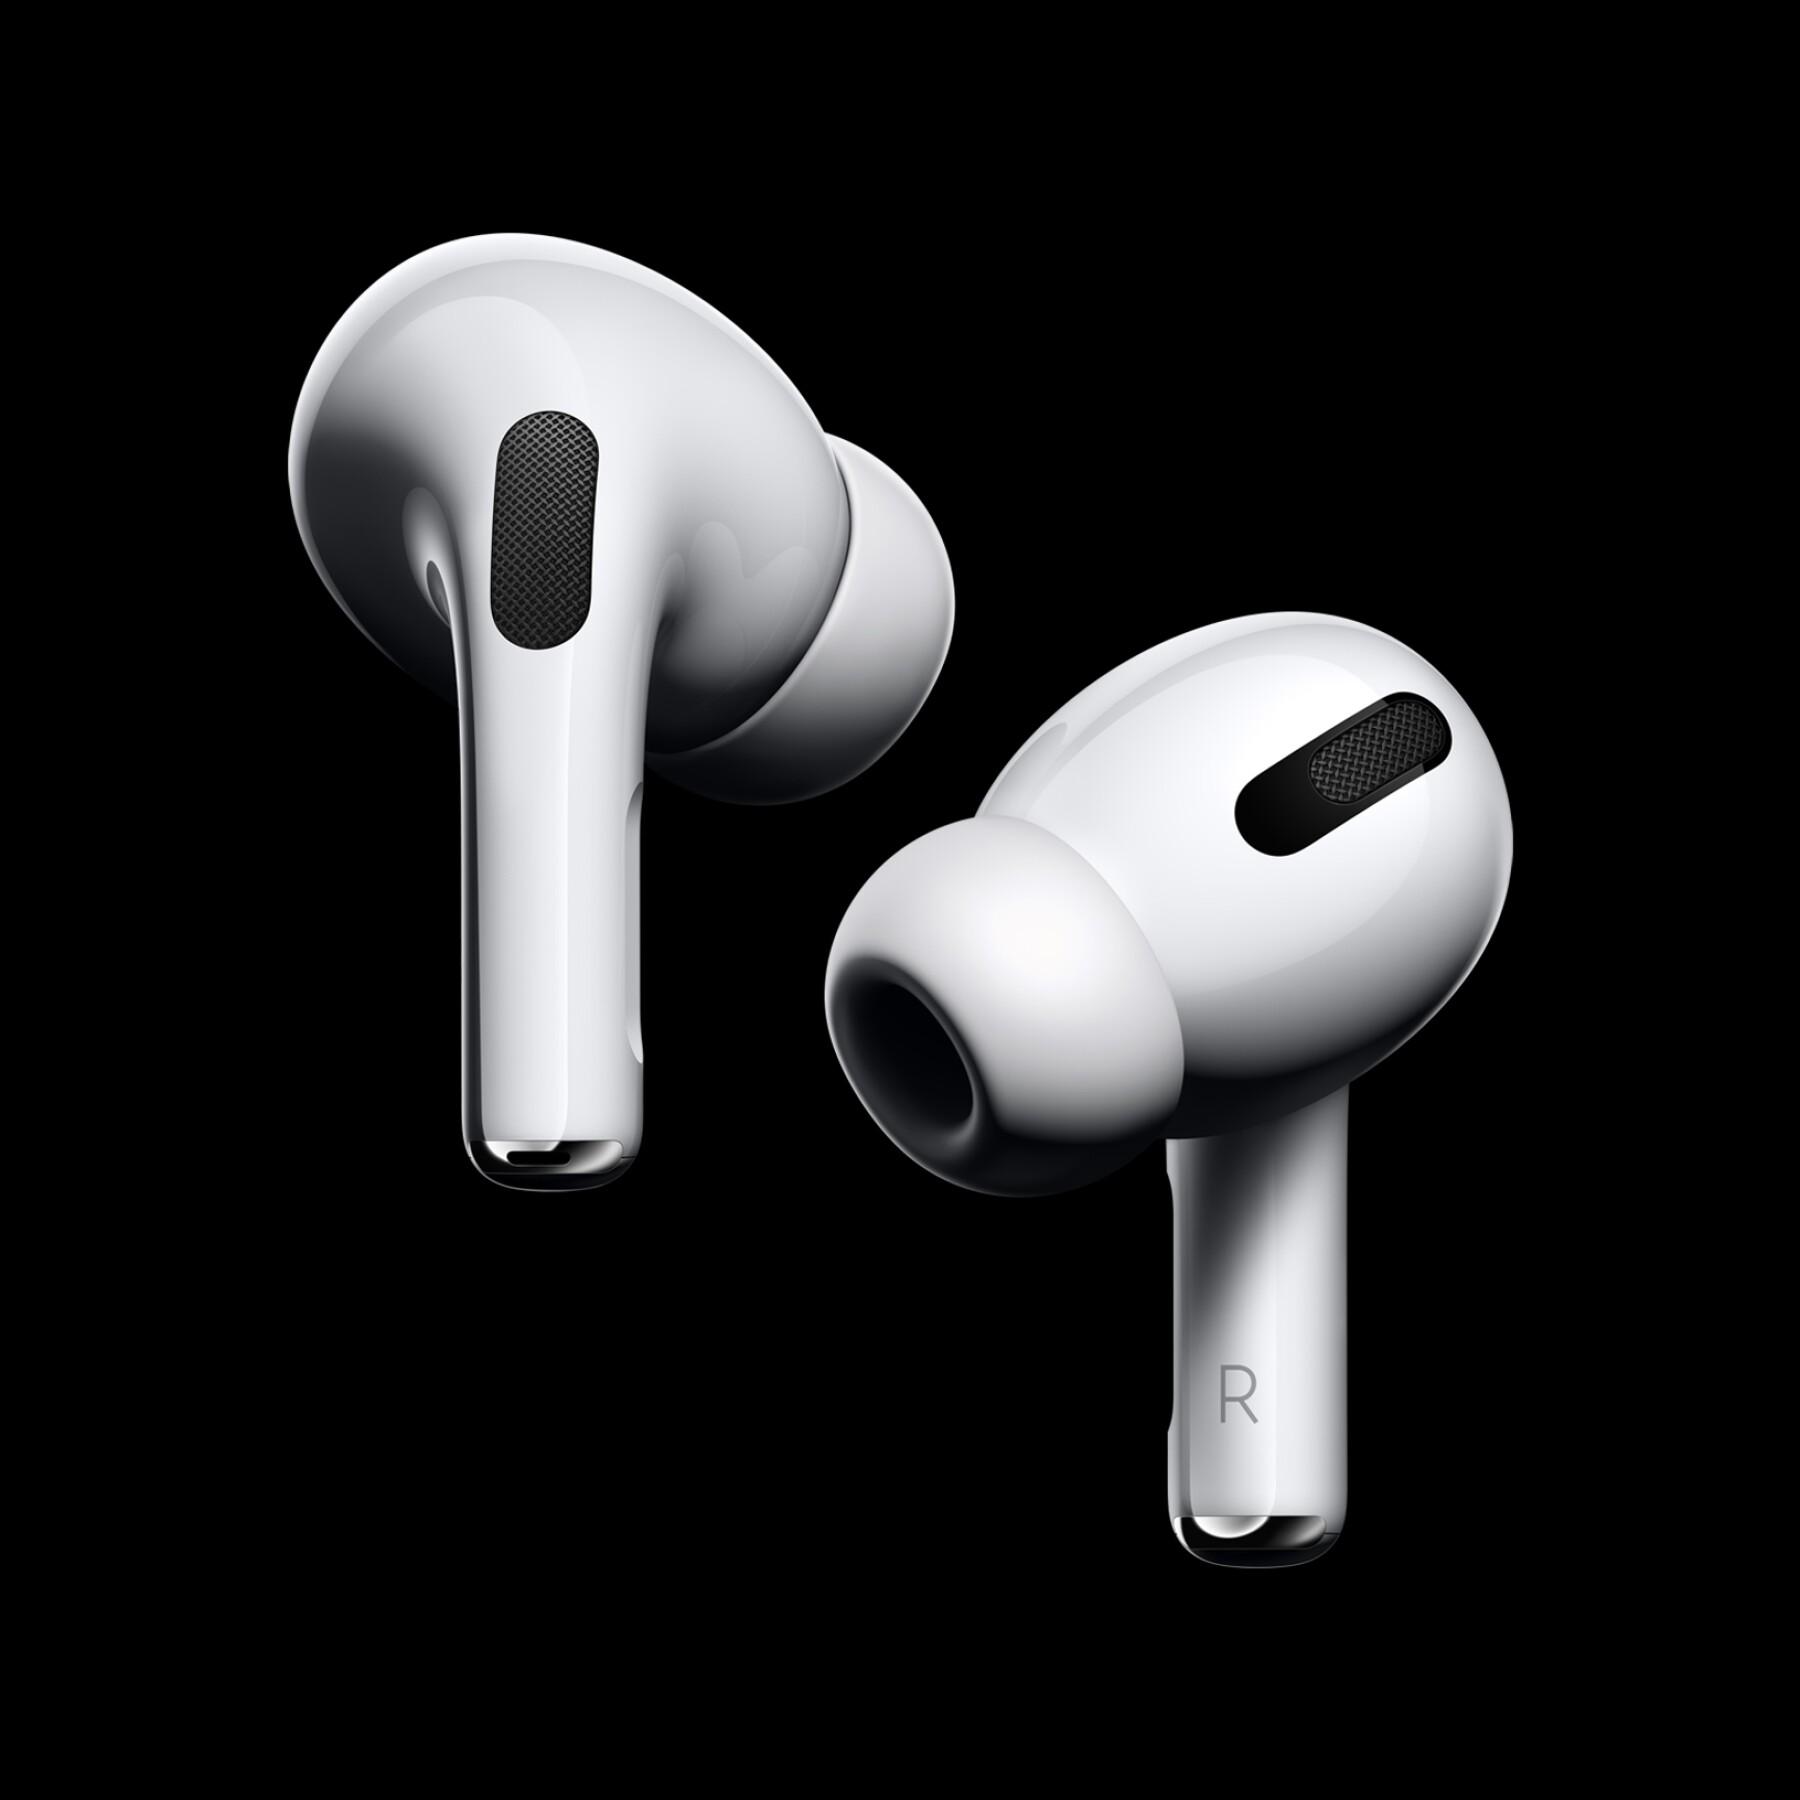 Los AirPods se han convertido en los audífonos más vendidos del mundo.